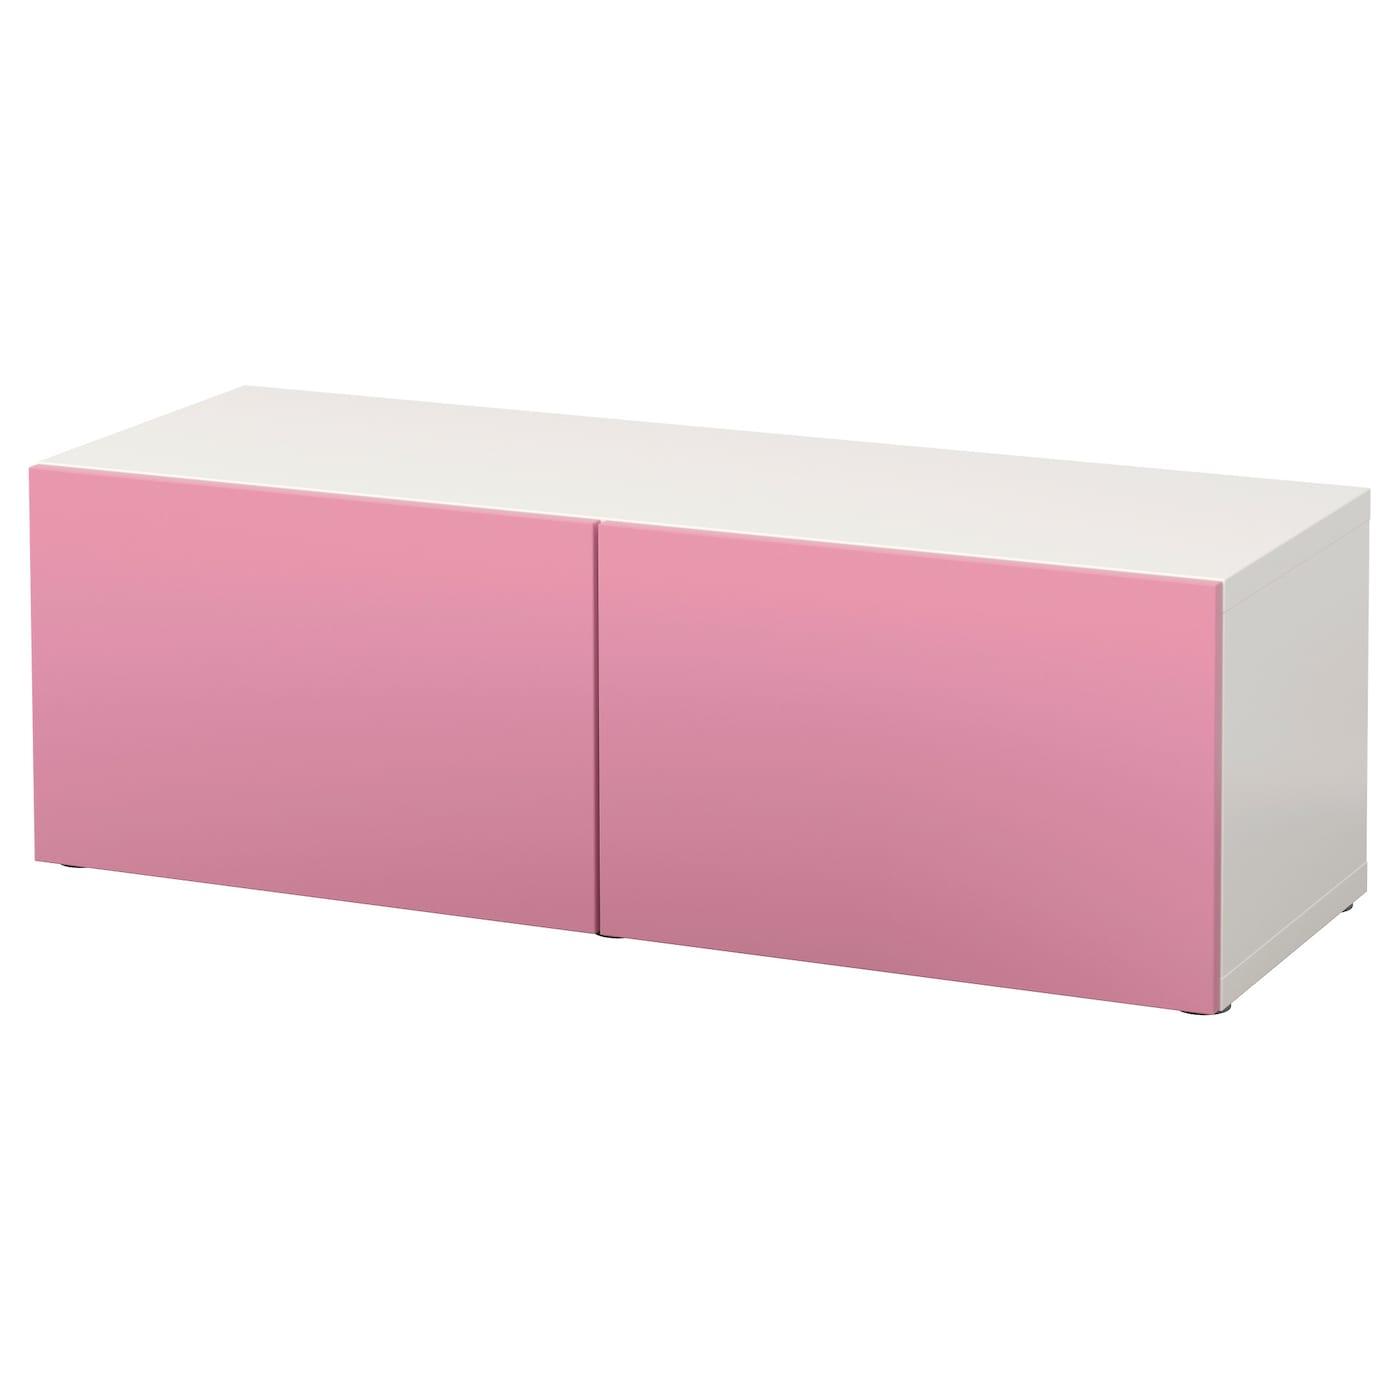 Besta shelf unit with door - Ikea Best Shelf Unit With Doors